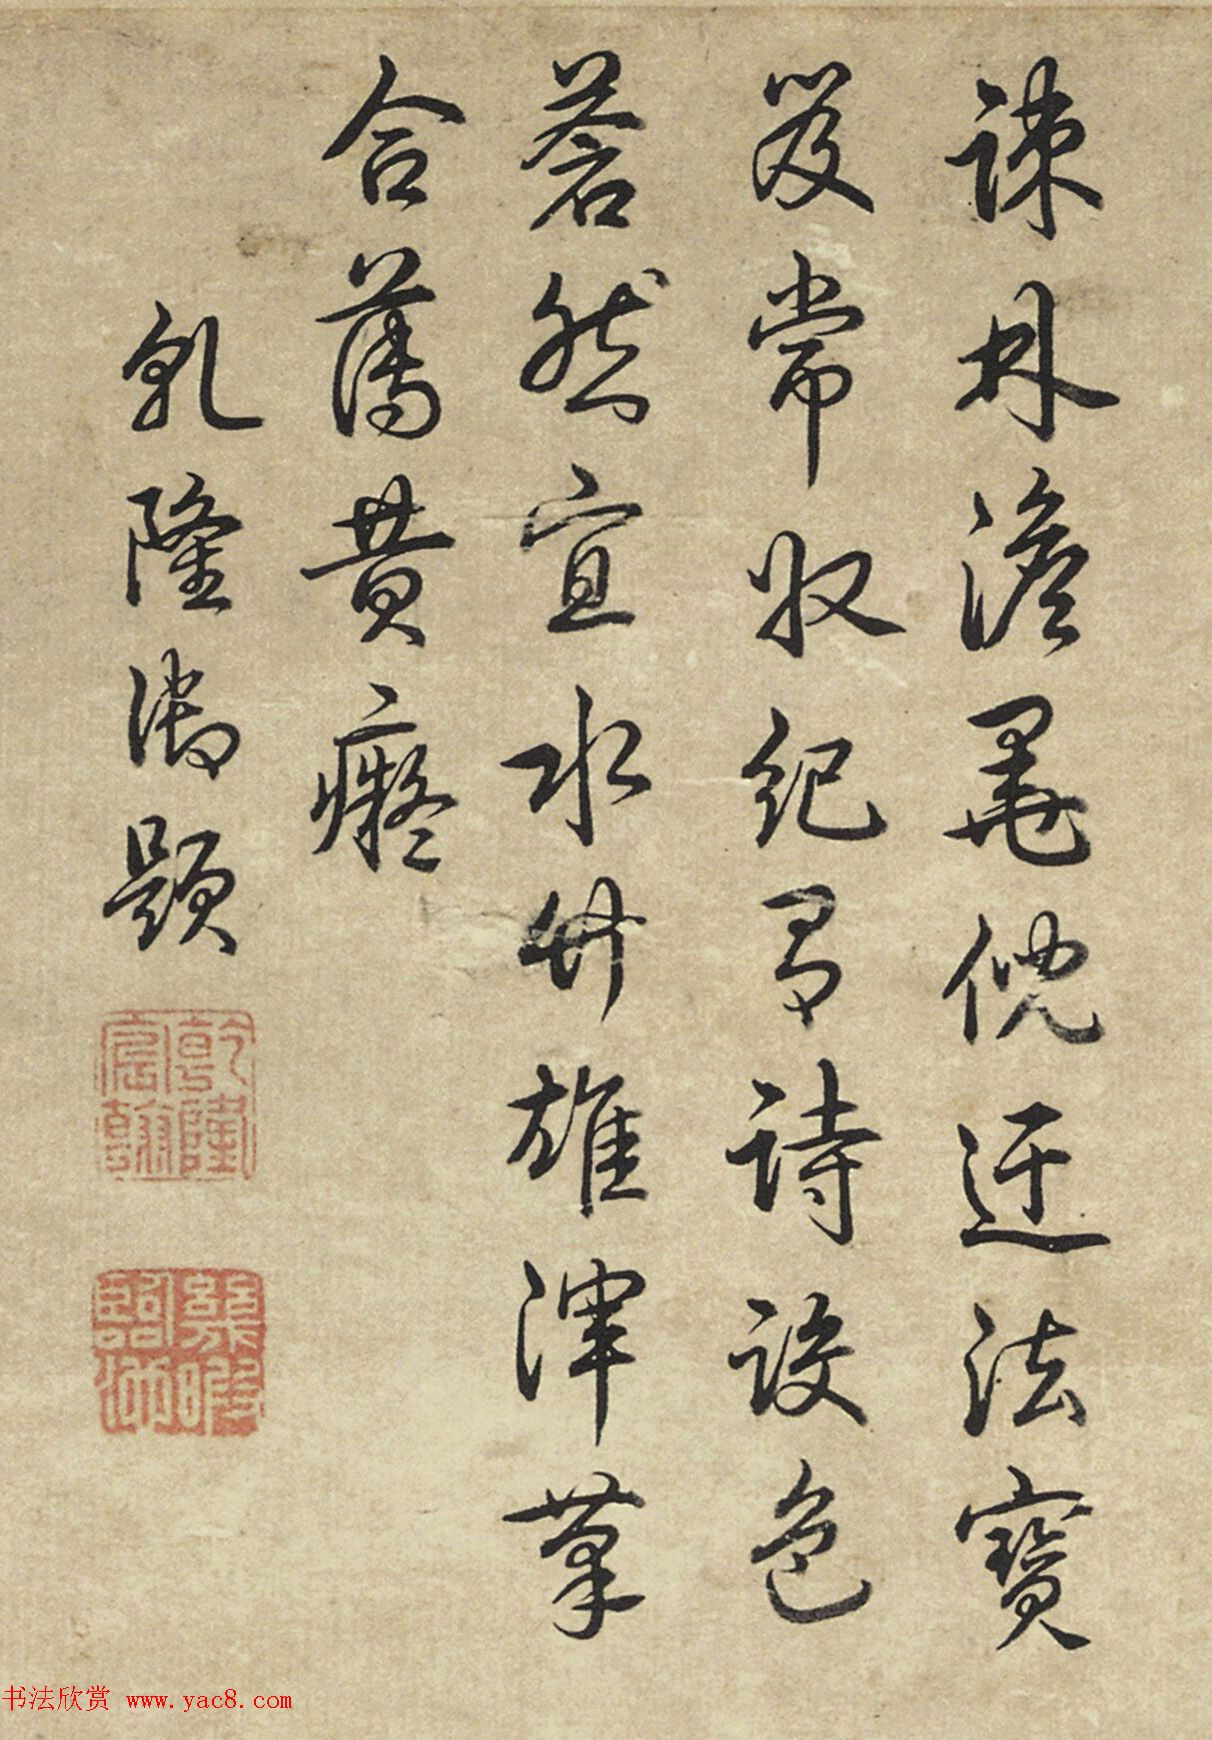 元代倪瓒字画《水竹居图》(乾隆、董邦达、蒋溥题诗)